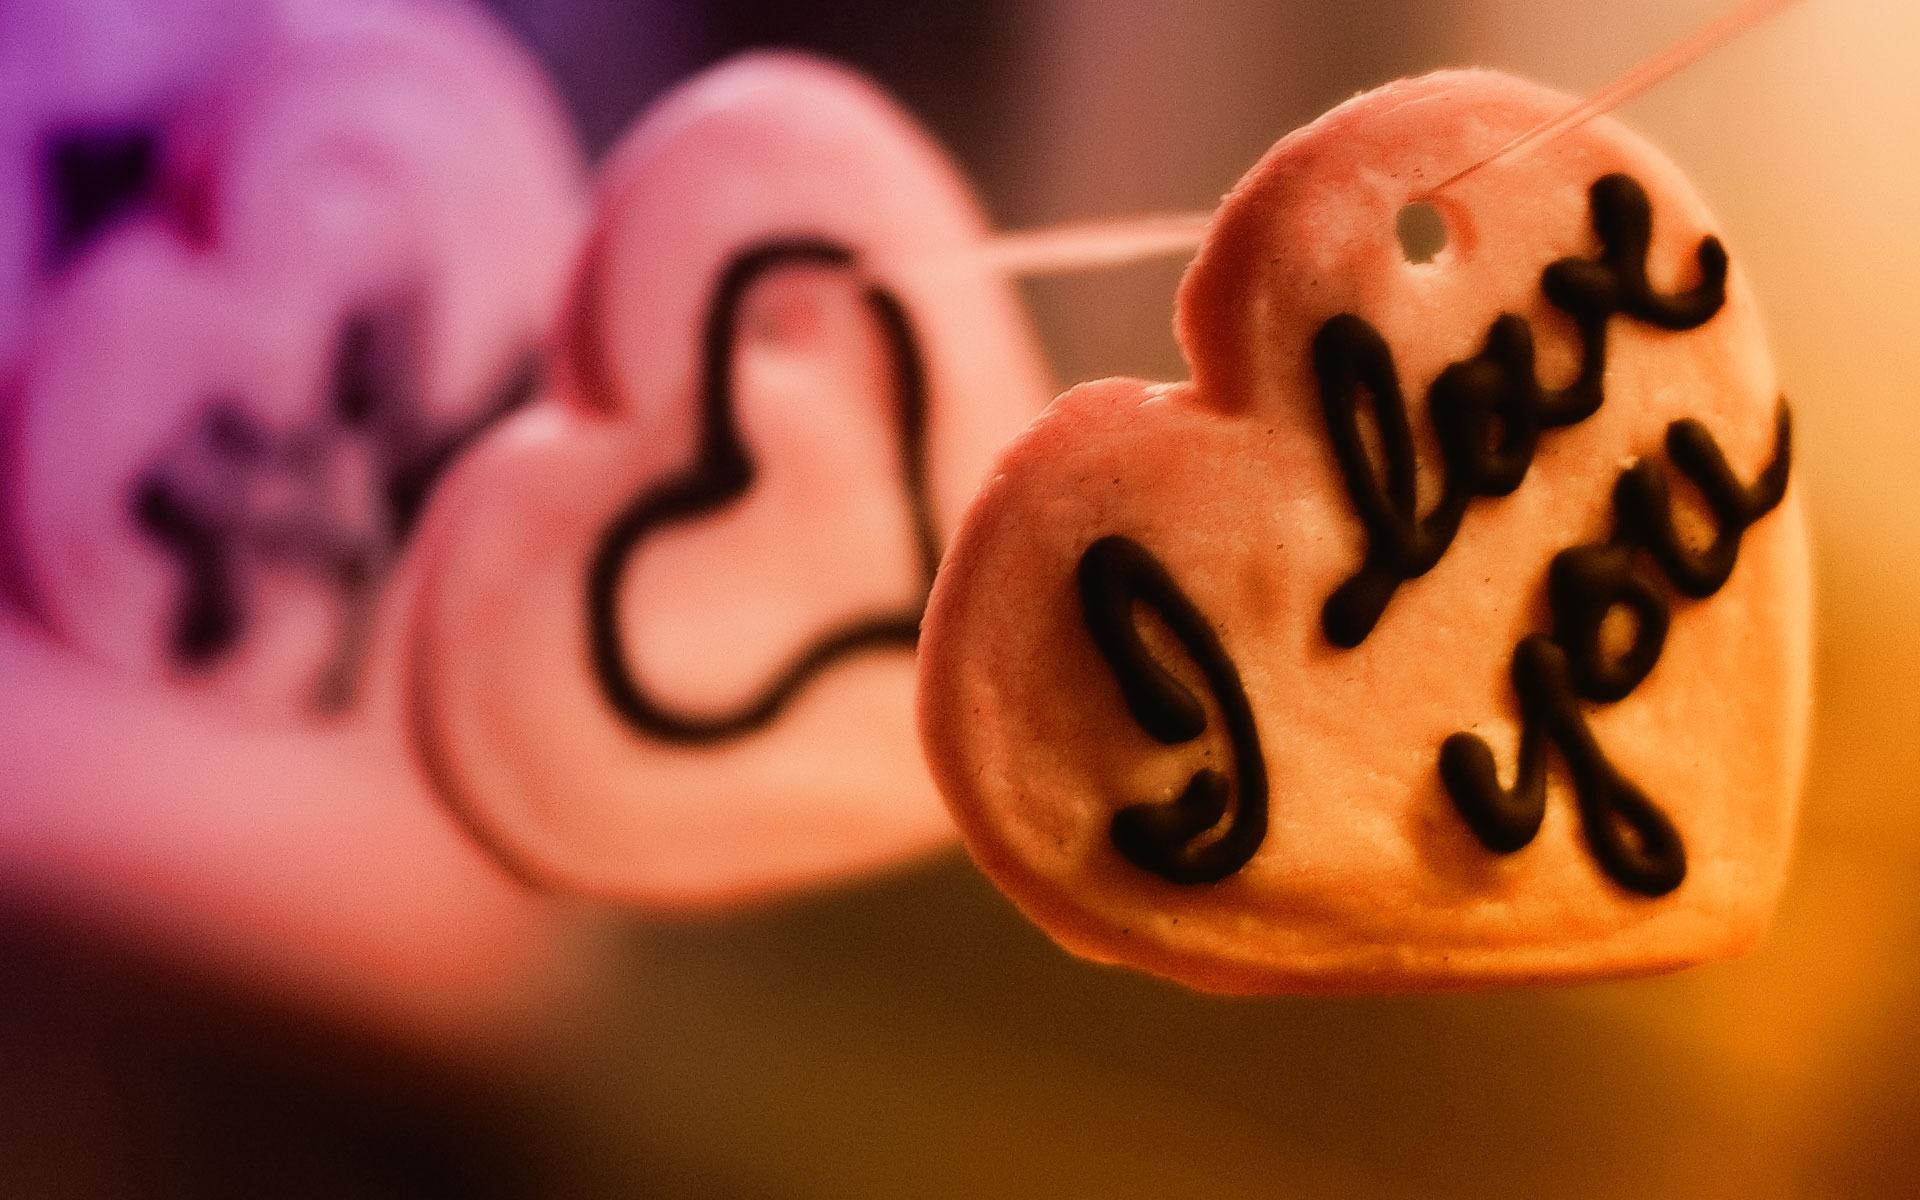 صورة كلام شعر عن الحب